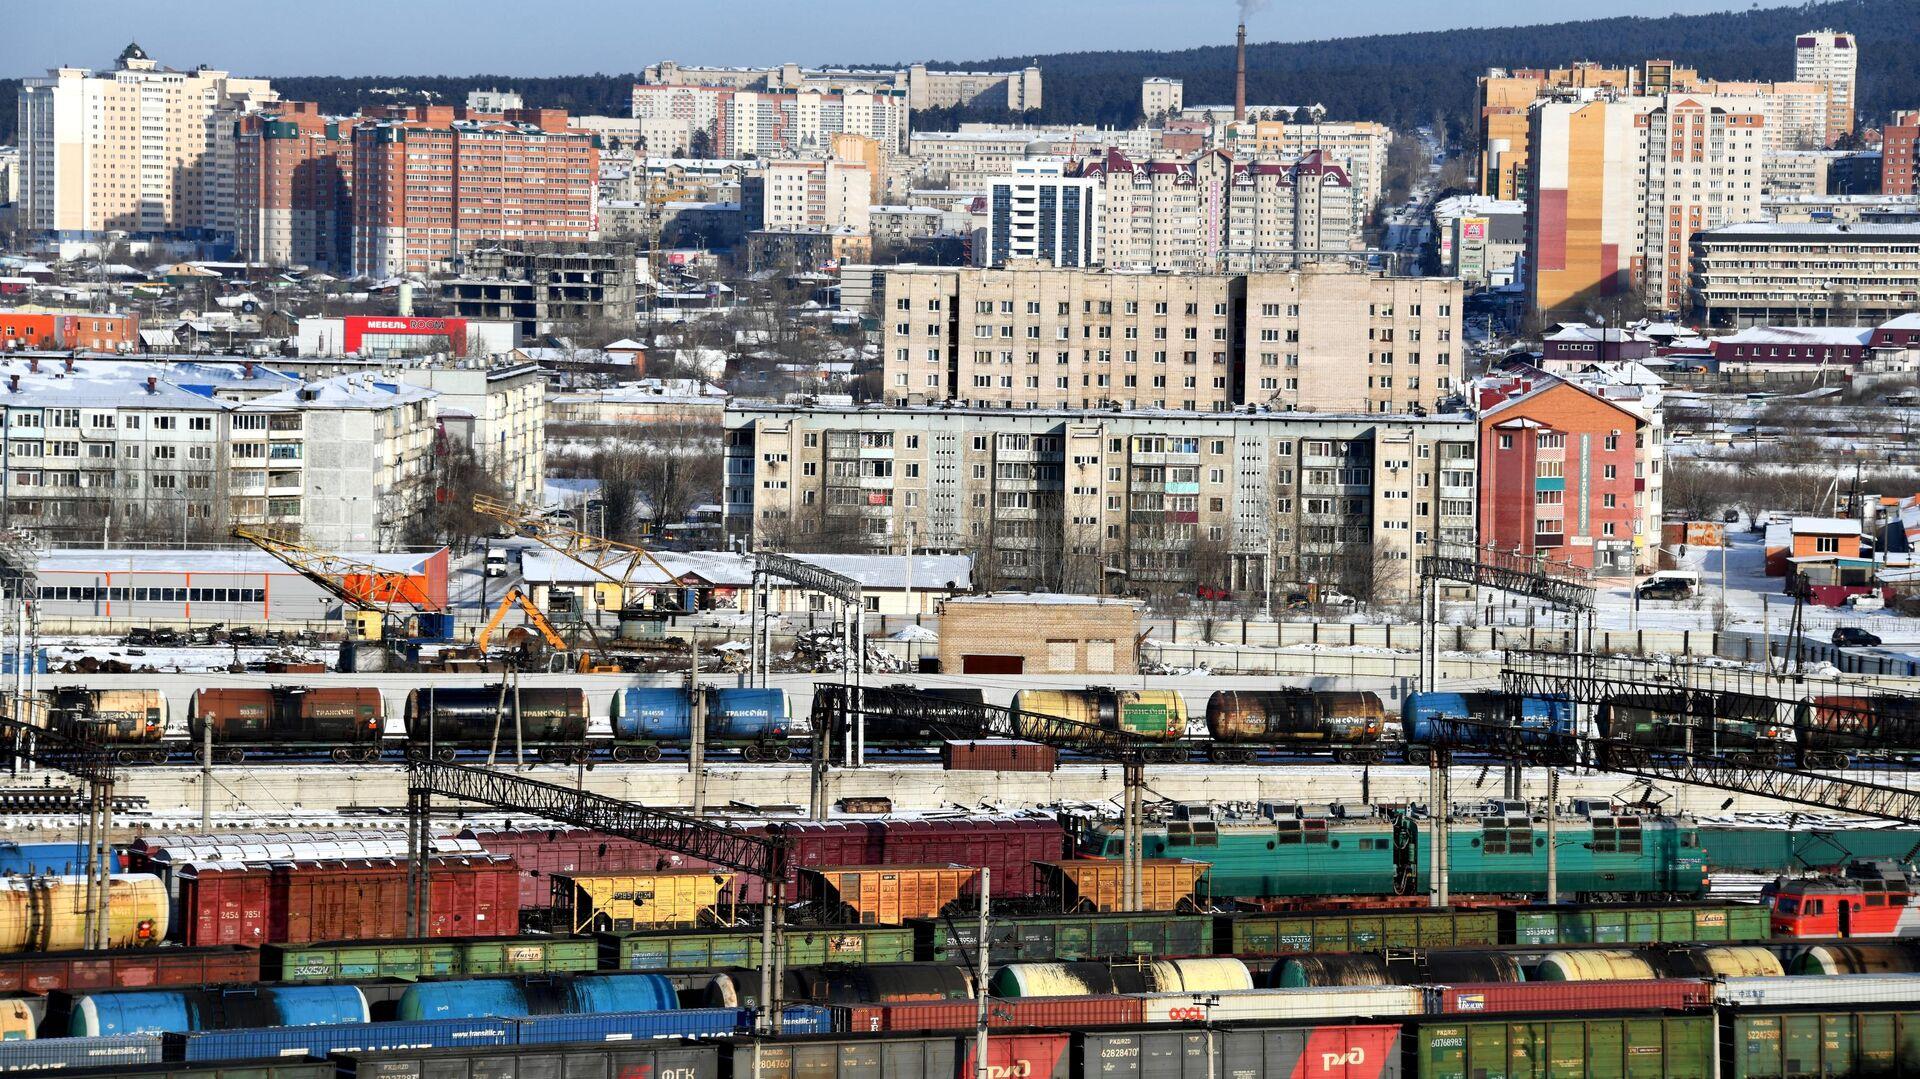 Забайкальская железная дорога Транссибирской магистрали в Чите - РИА Новости, 1920, 14.05.2021